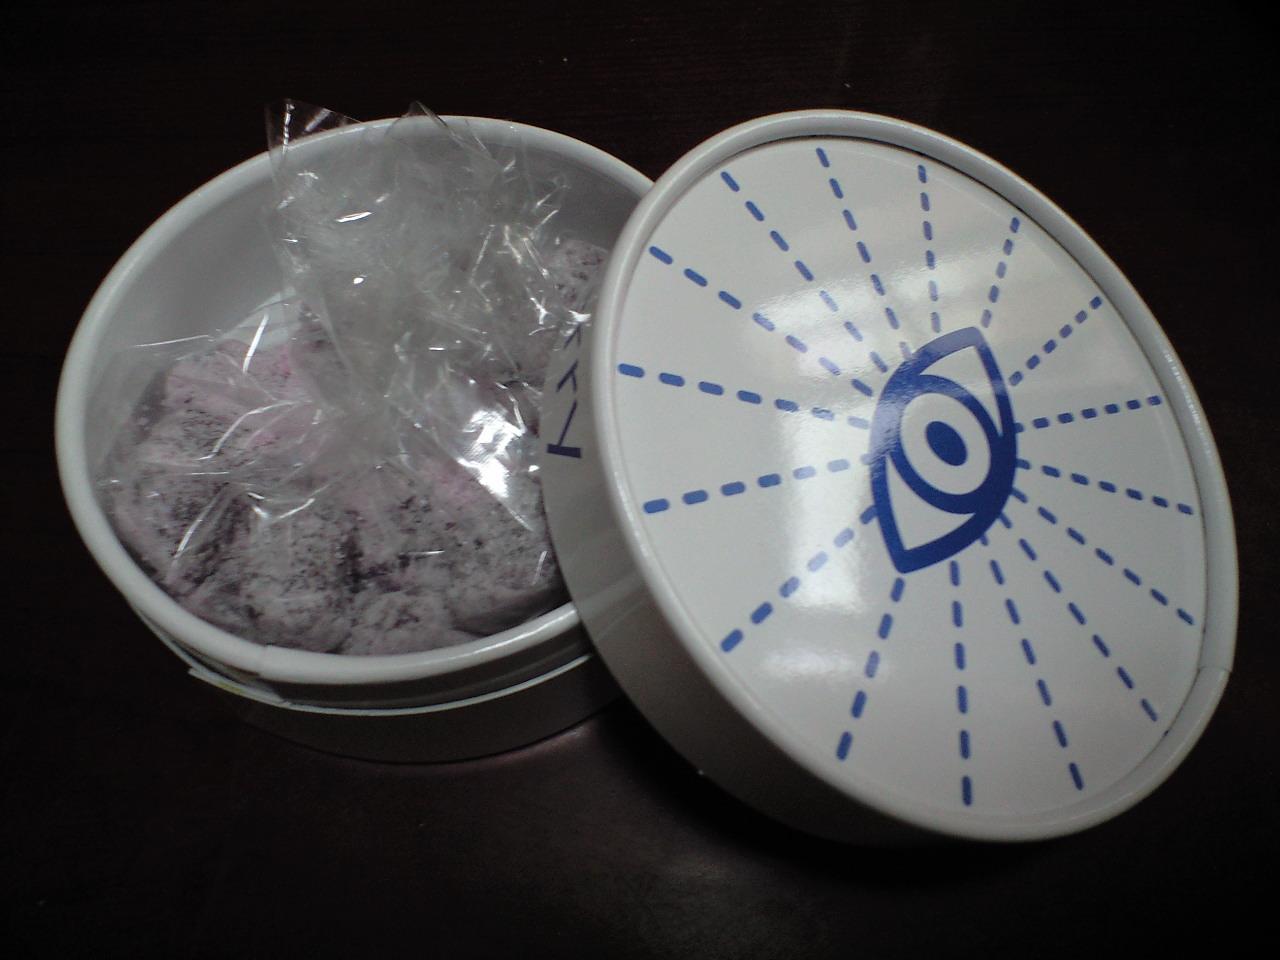 鶴屋吉信のブルーベリー餅は、美味しいよ〜♪